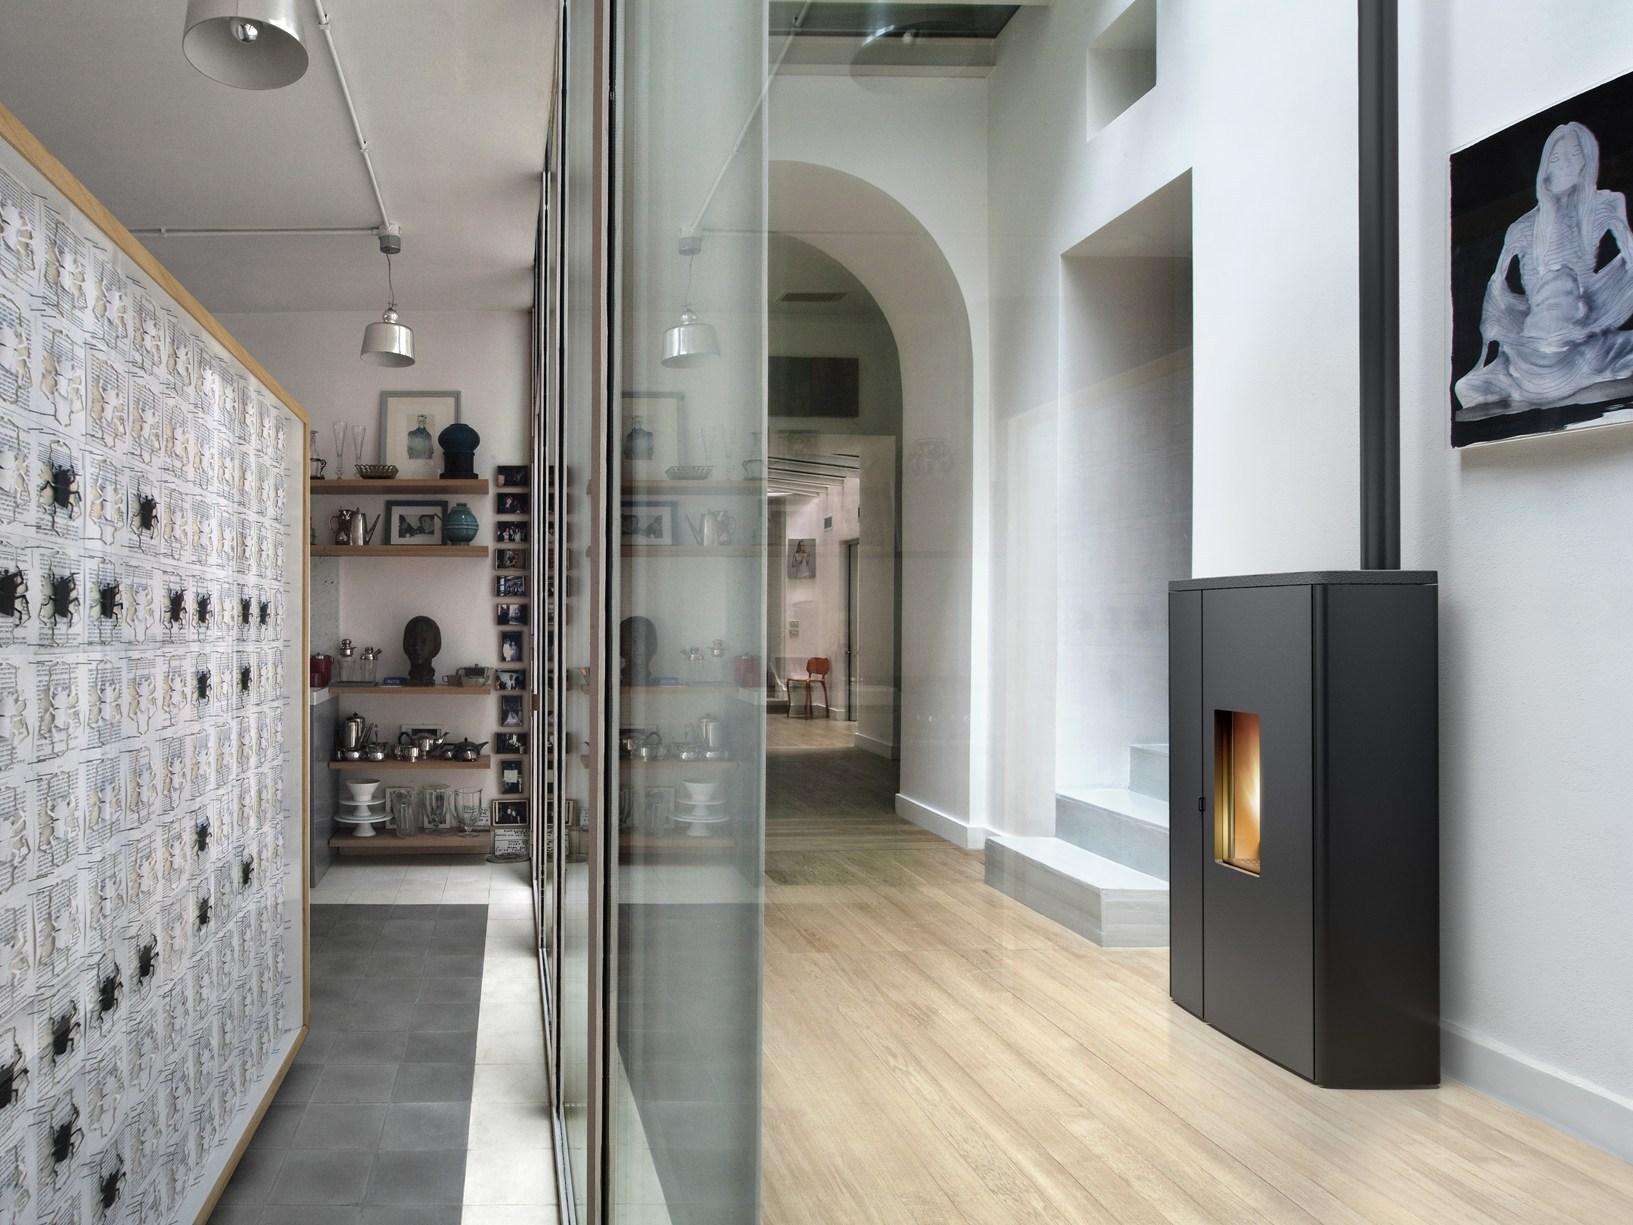 Ecosostenibilit e design il fuoco secondo mcz for Detrazione stufa a pellet 2017